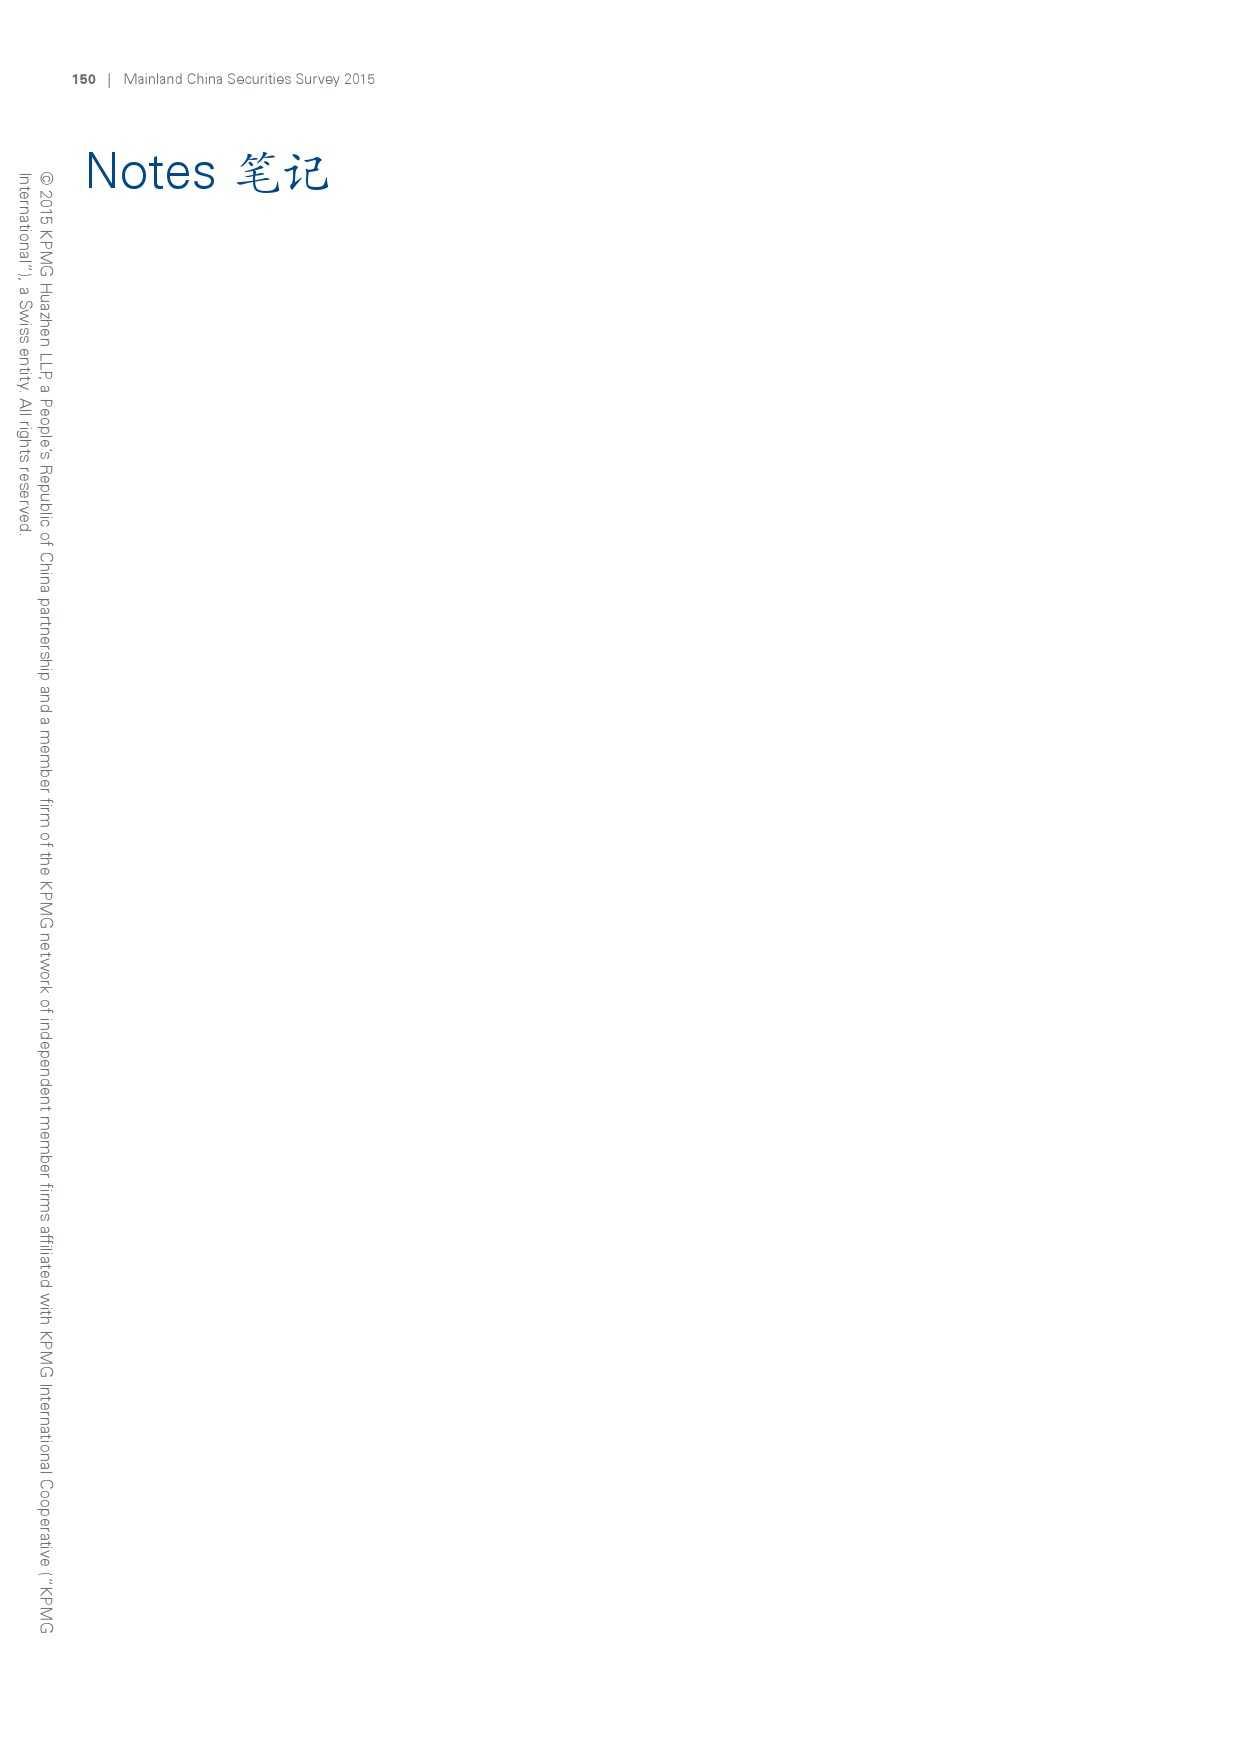 毕马威:2015年中国证券业调查报告_000152